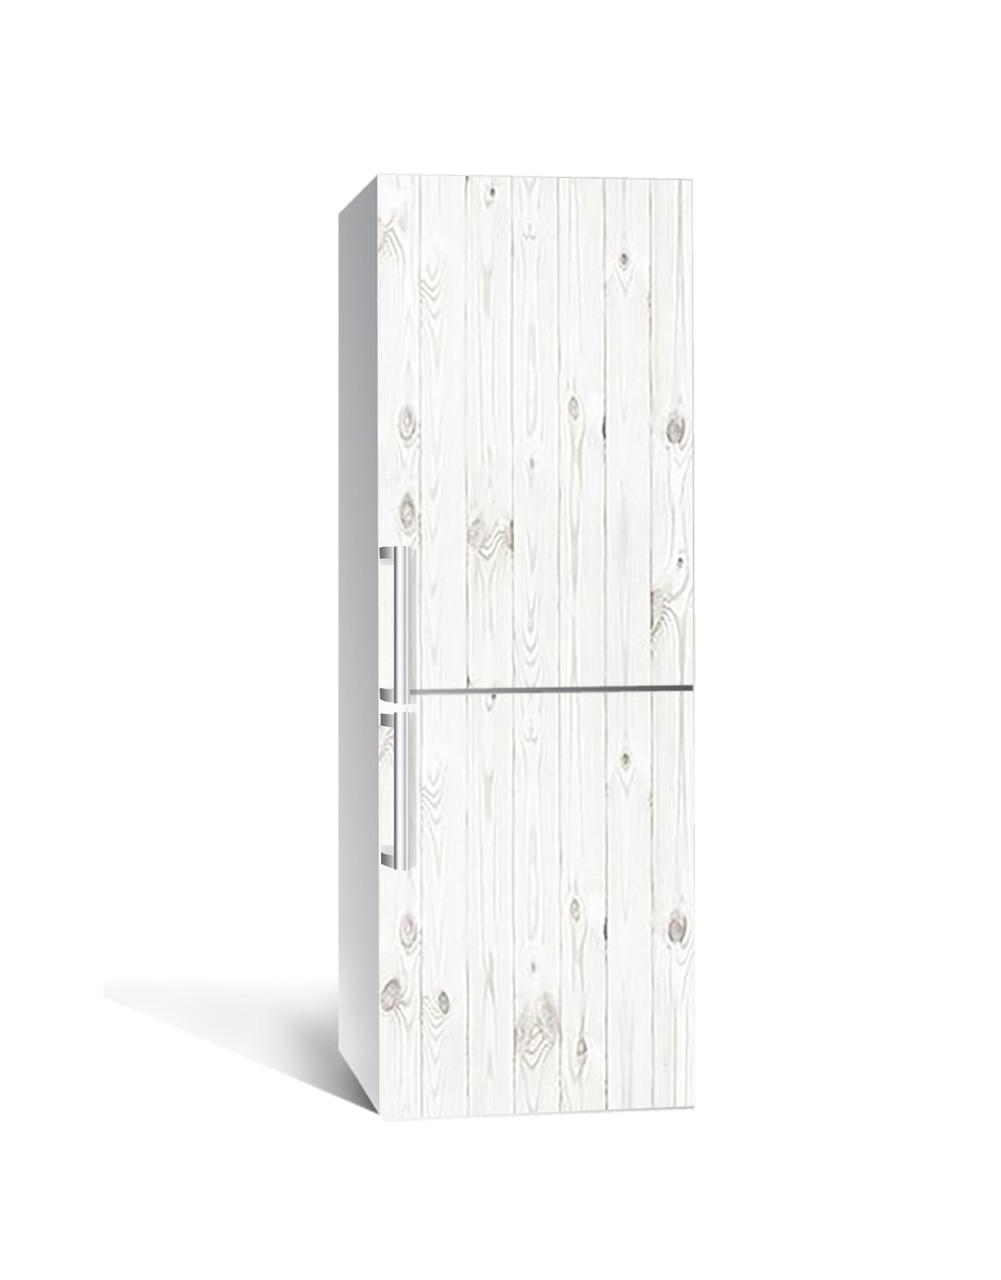 Декор 3Д наклейка на холодильник Біла дошка під Дерево (плівка ПВХ фотодрук) 65*200см Текстура Сірий